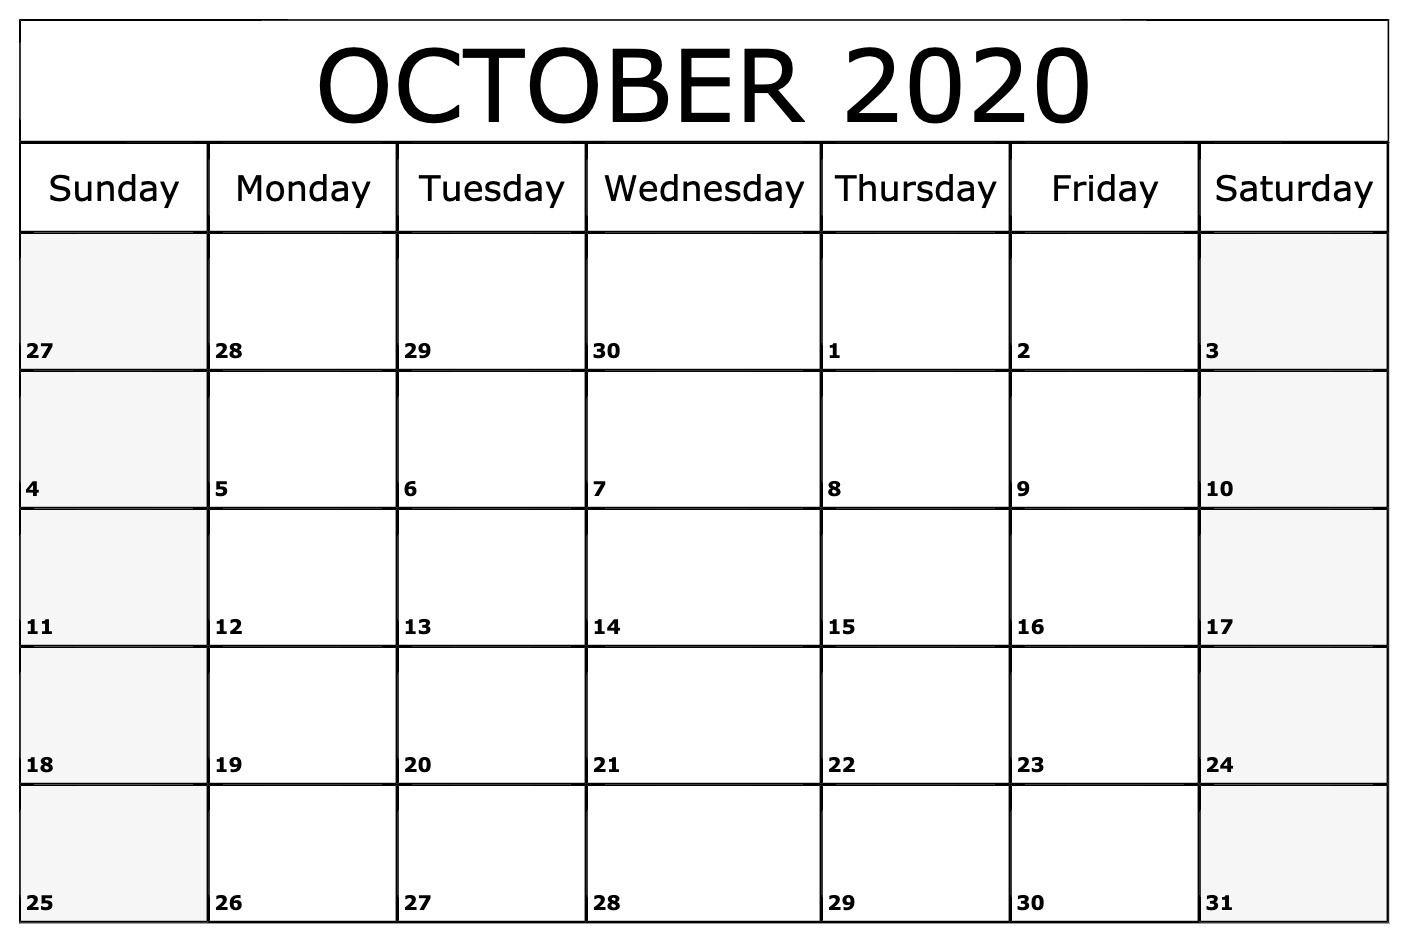 2020 October Calendar | Free Printable Calendar Templates